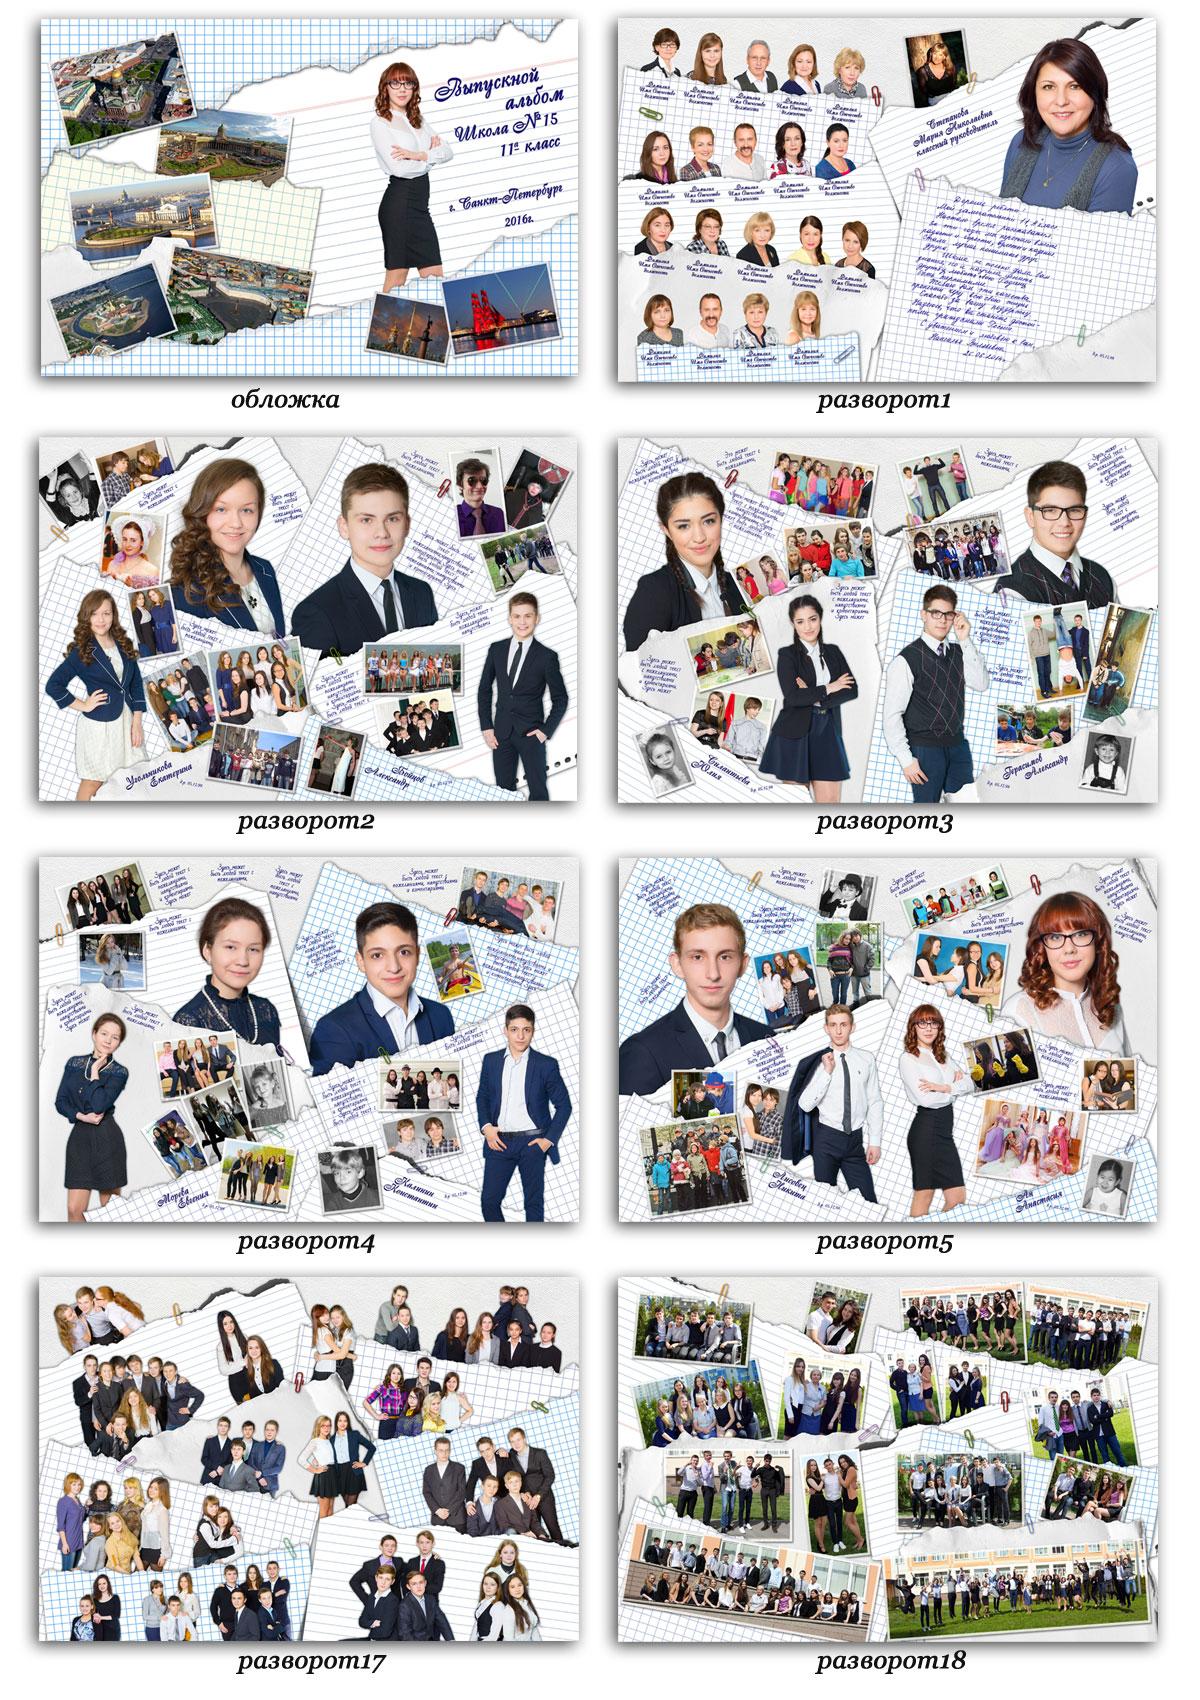 Дизайн разворотов страниц выпускного фотоальбома 9-11 класс «БУМАЖНЫЕ СТРАНИЦЫ»